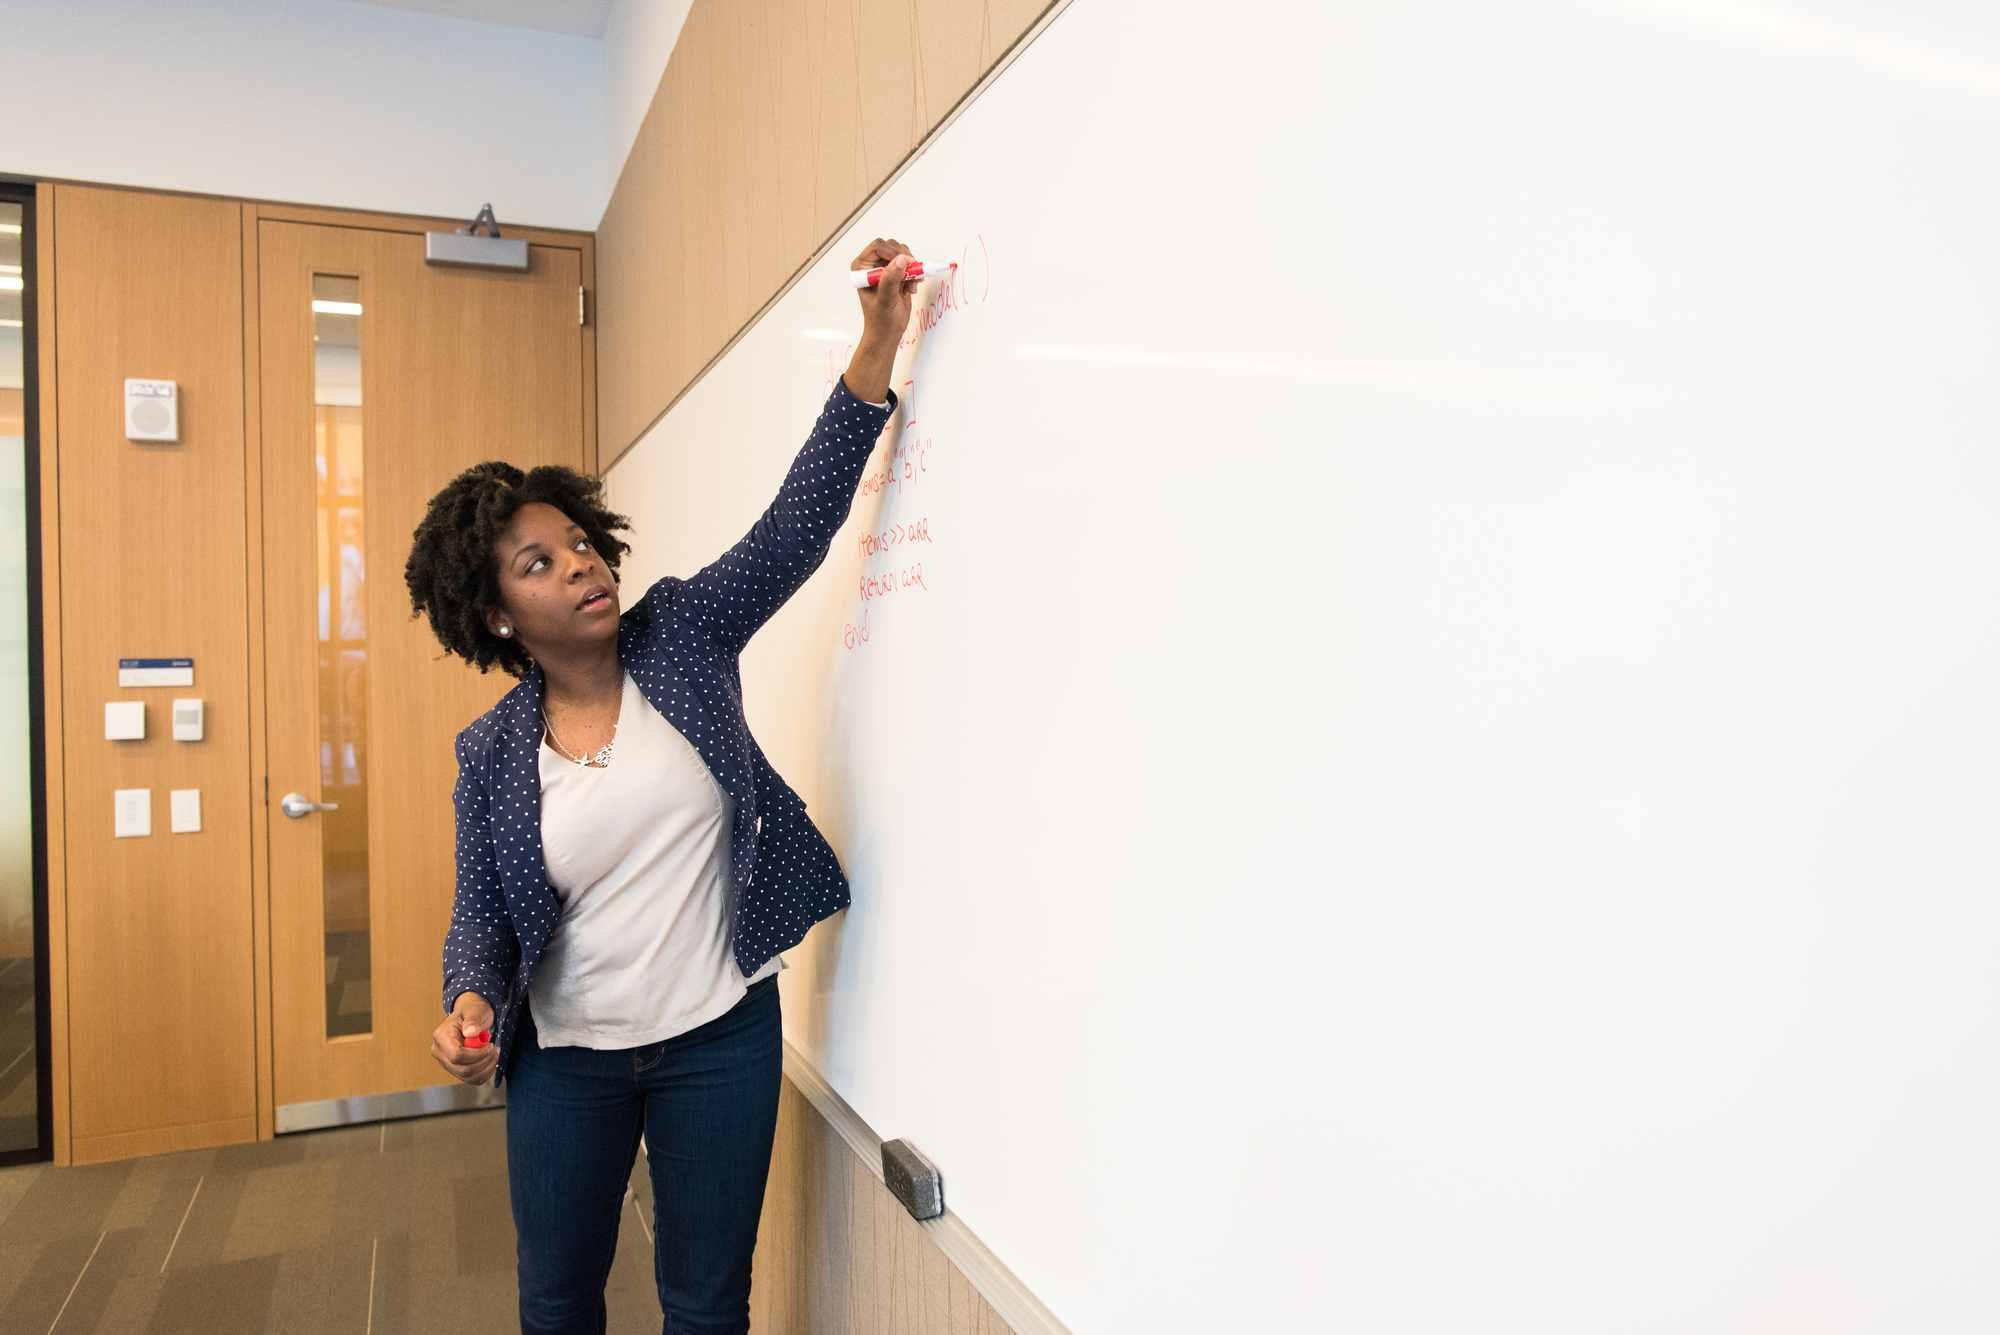 Nauczycielka pisząca na tablicy szkolnej